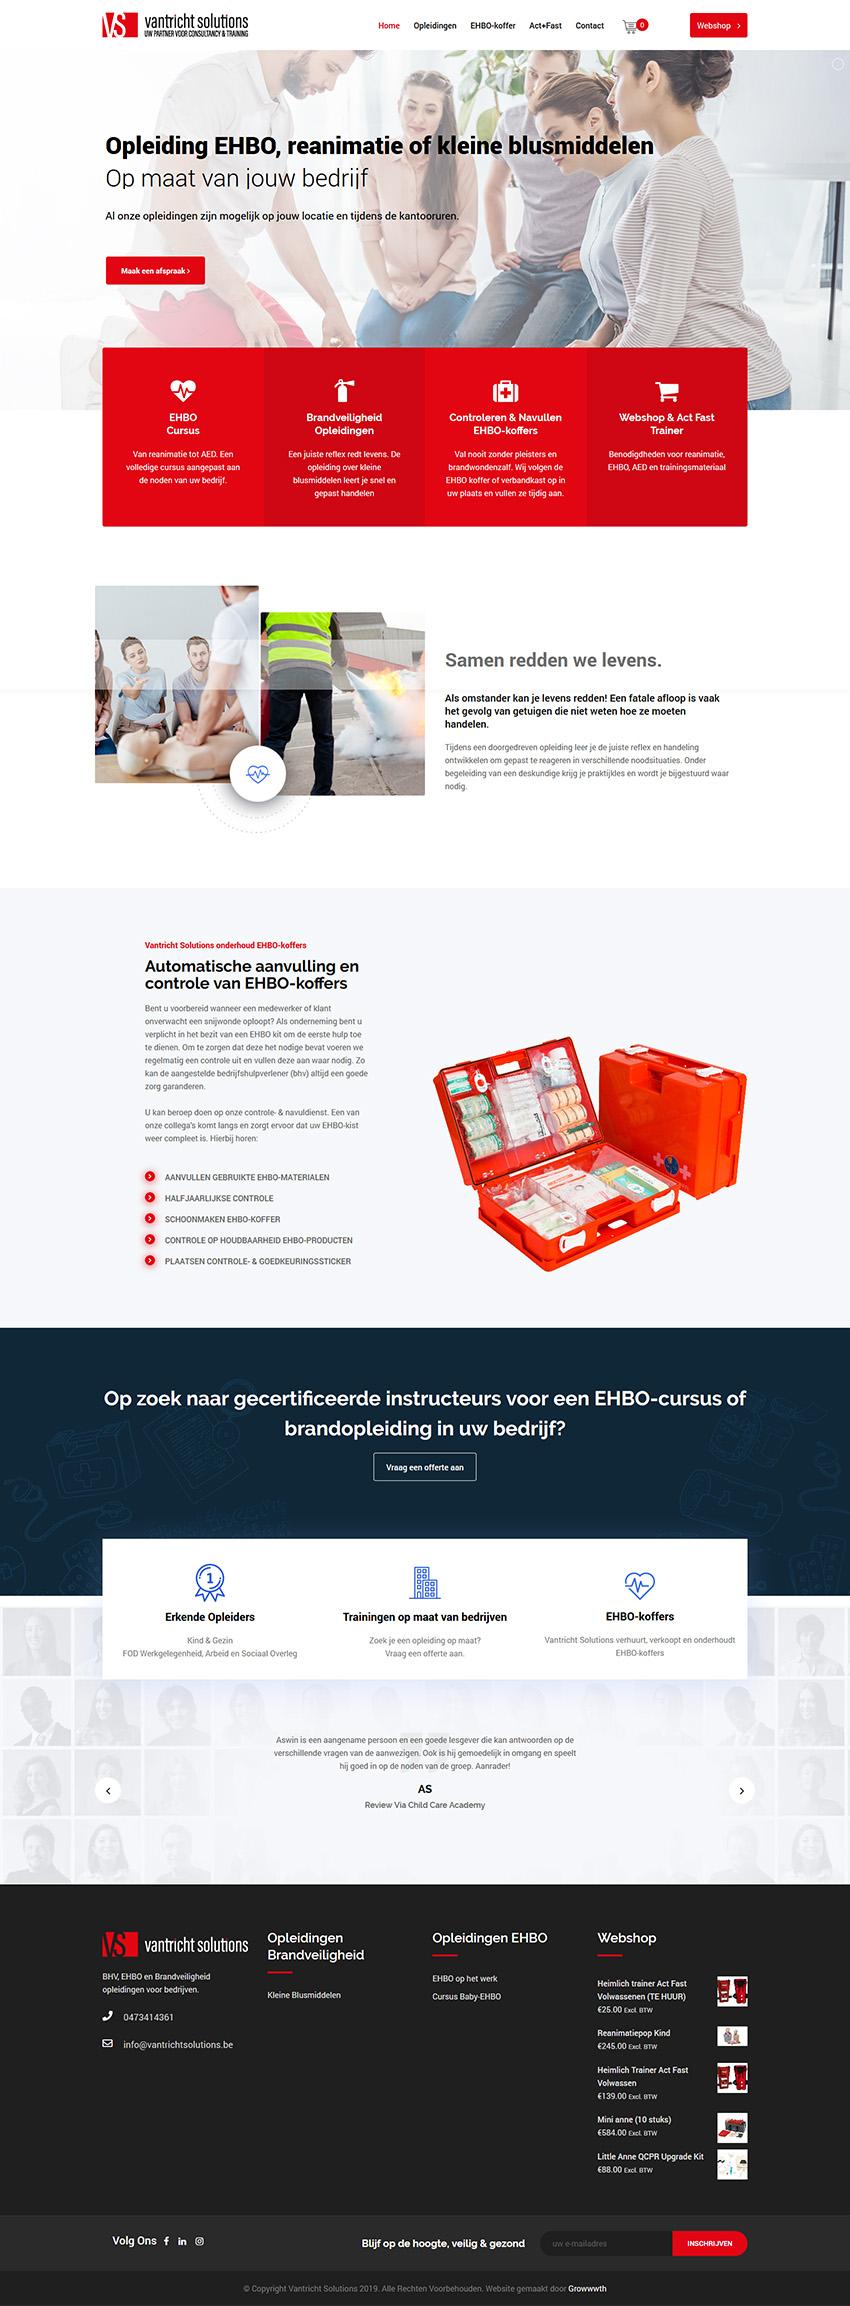 referentie_website_Vantricht Solutions